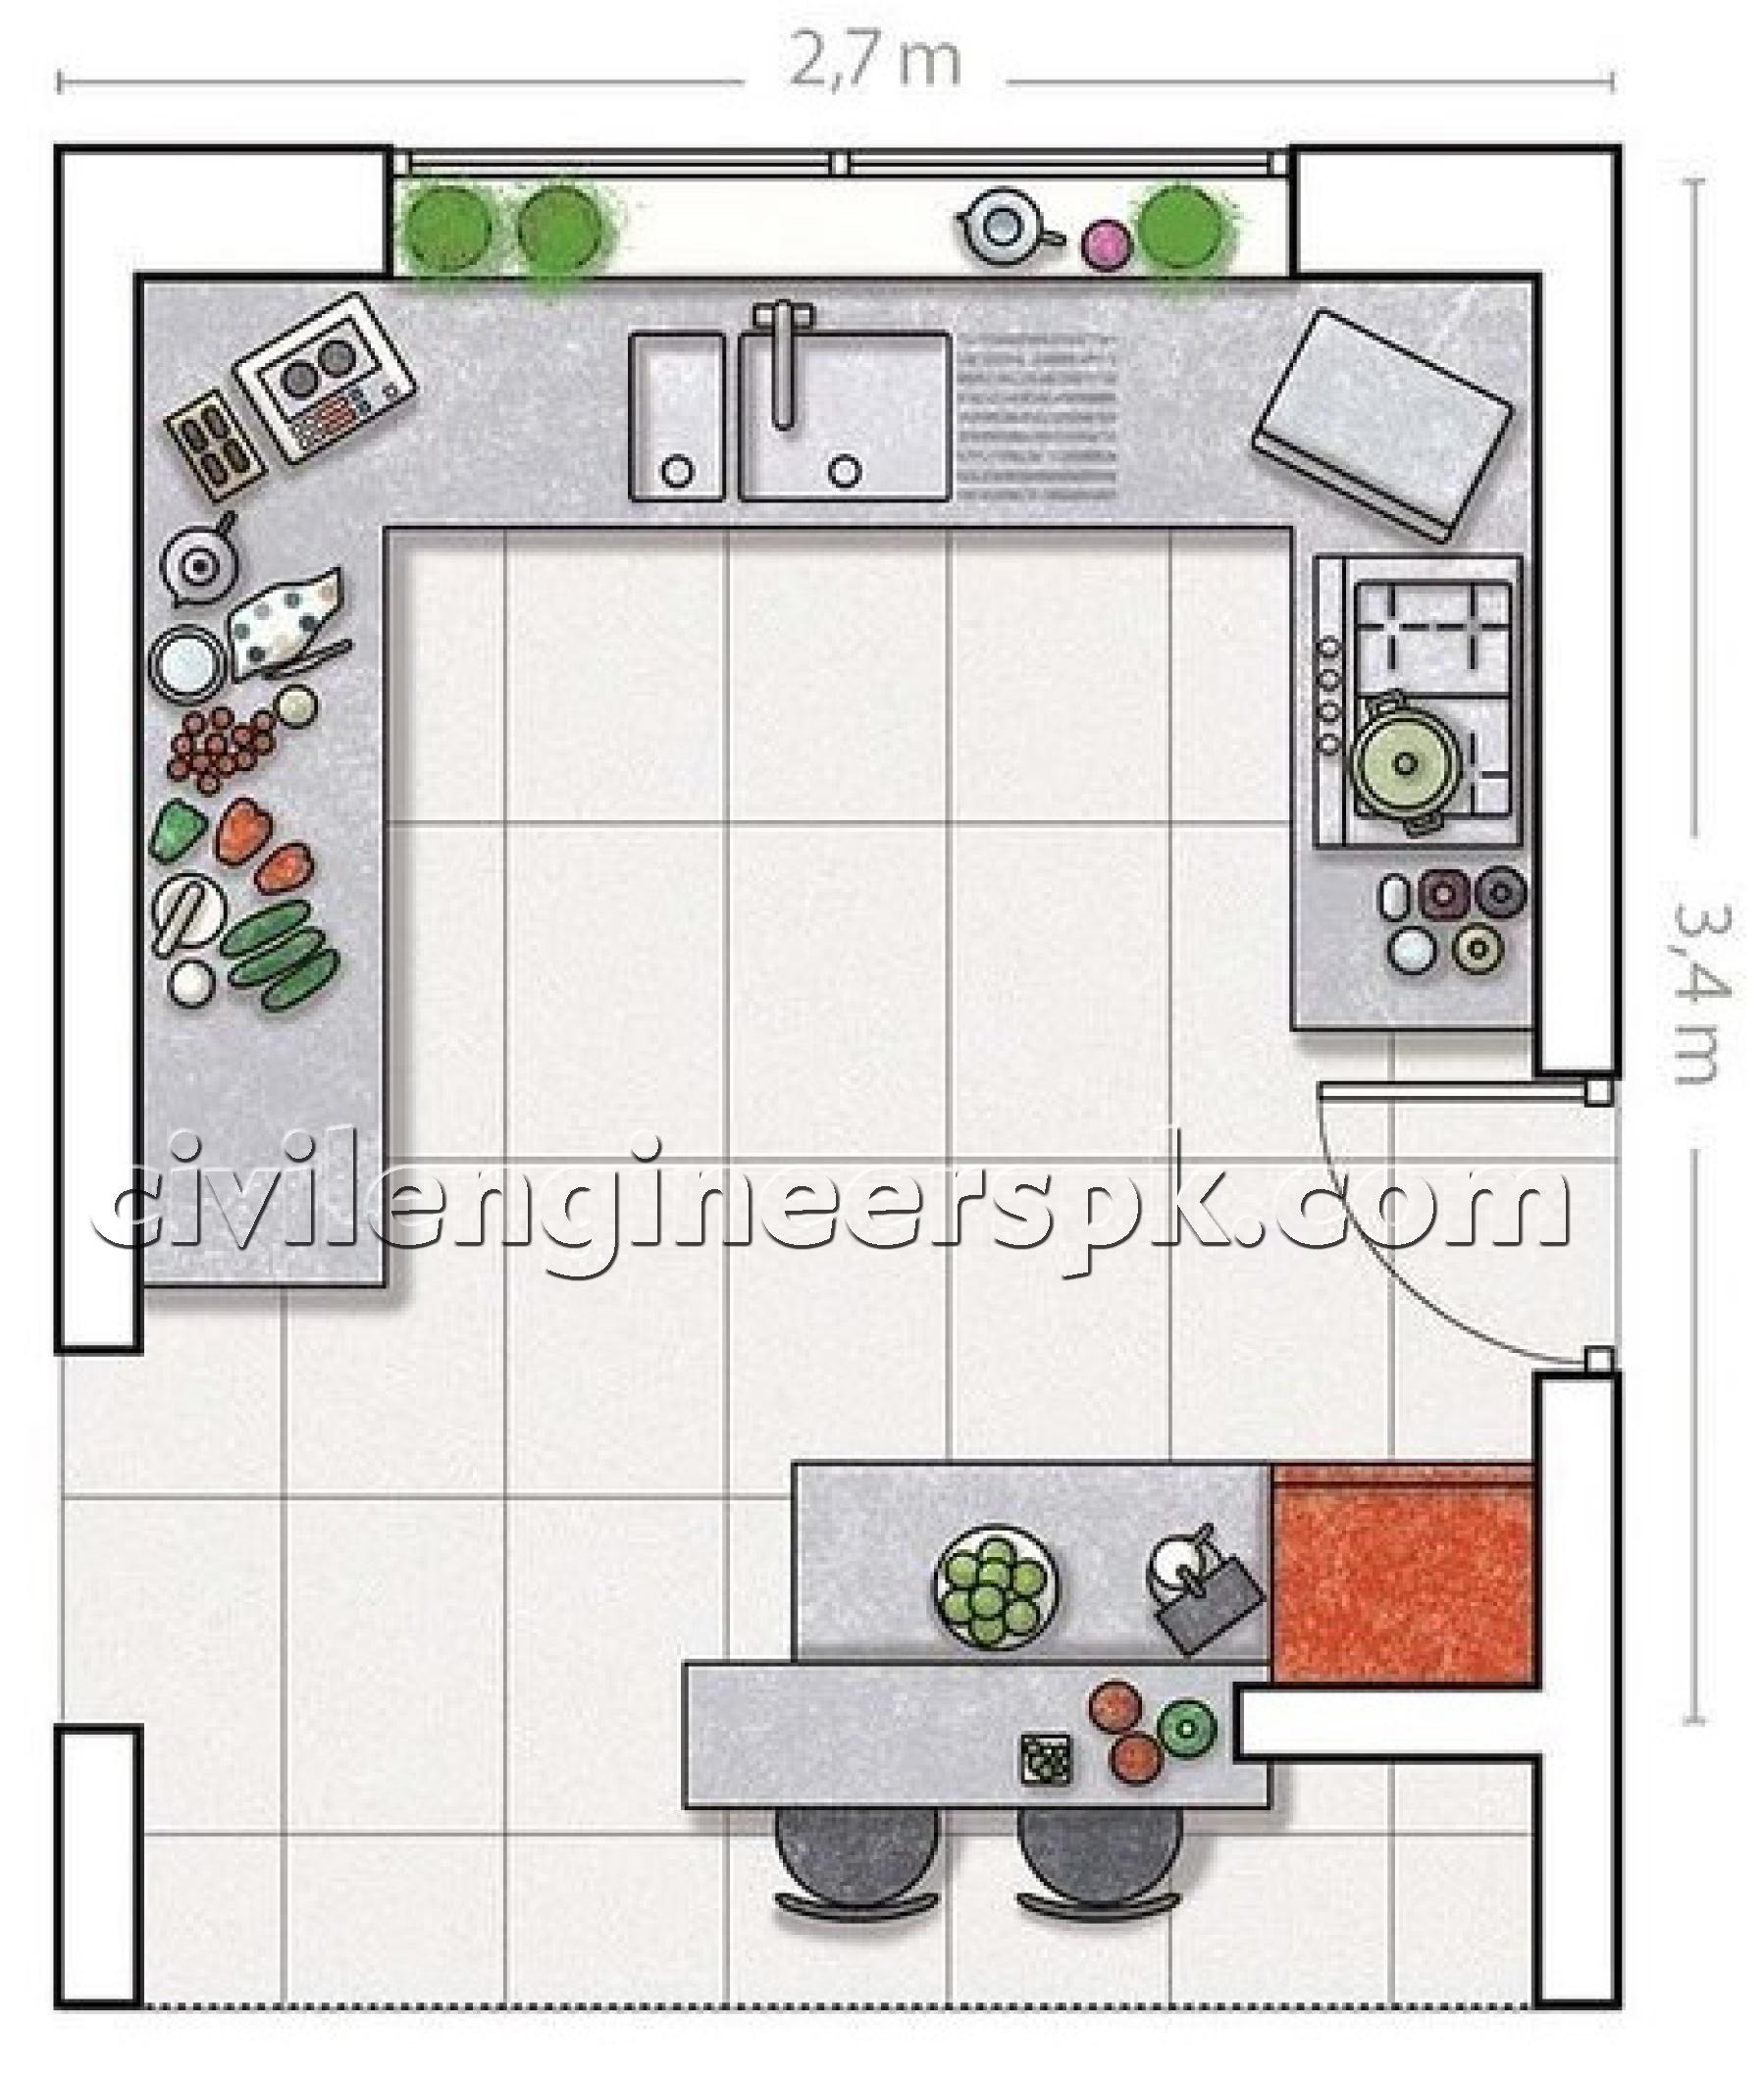 Kitchen designs 29 33 civil engineers pk for Civil kitchen designs